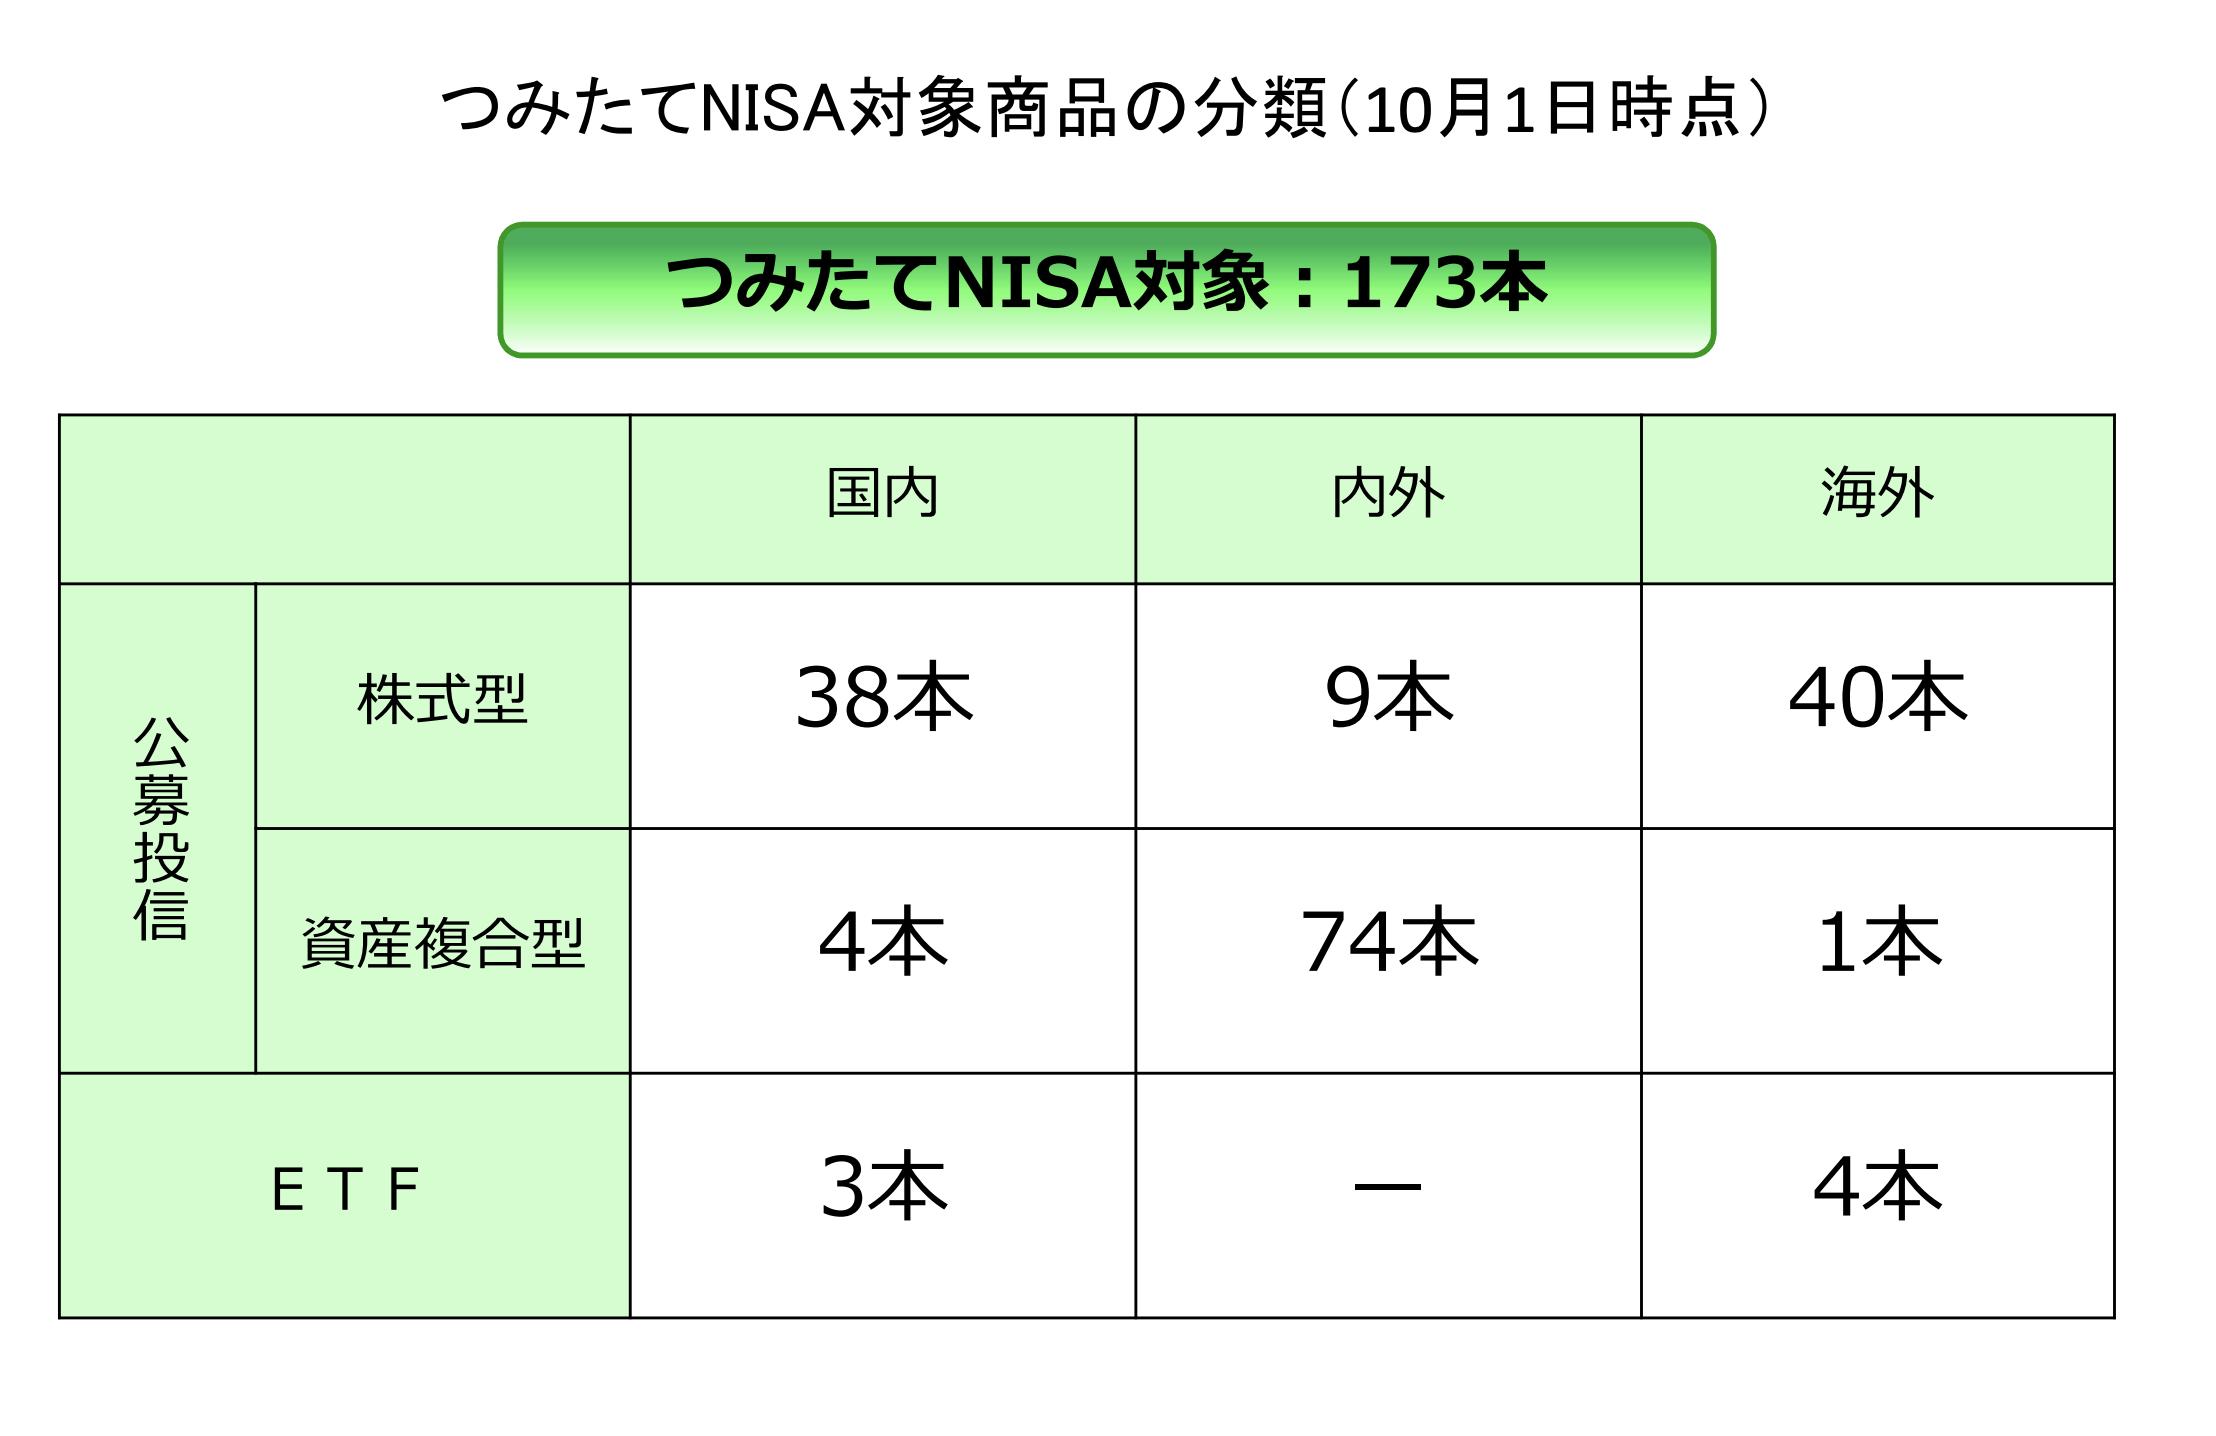 つみたてNISAの対象となっている投資書品分類(2019年10月1日時点)